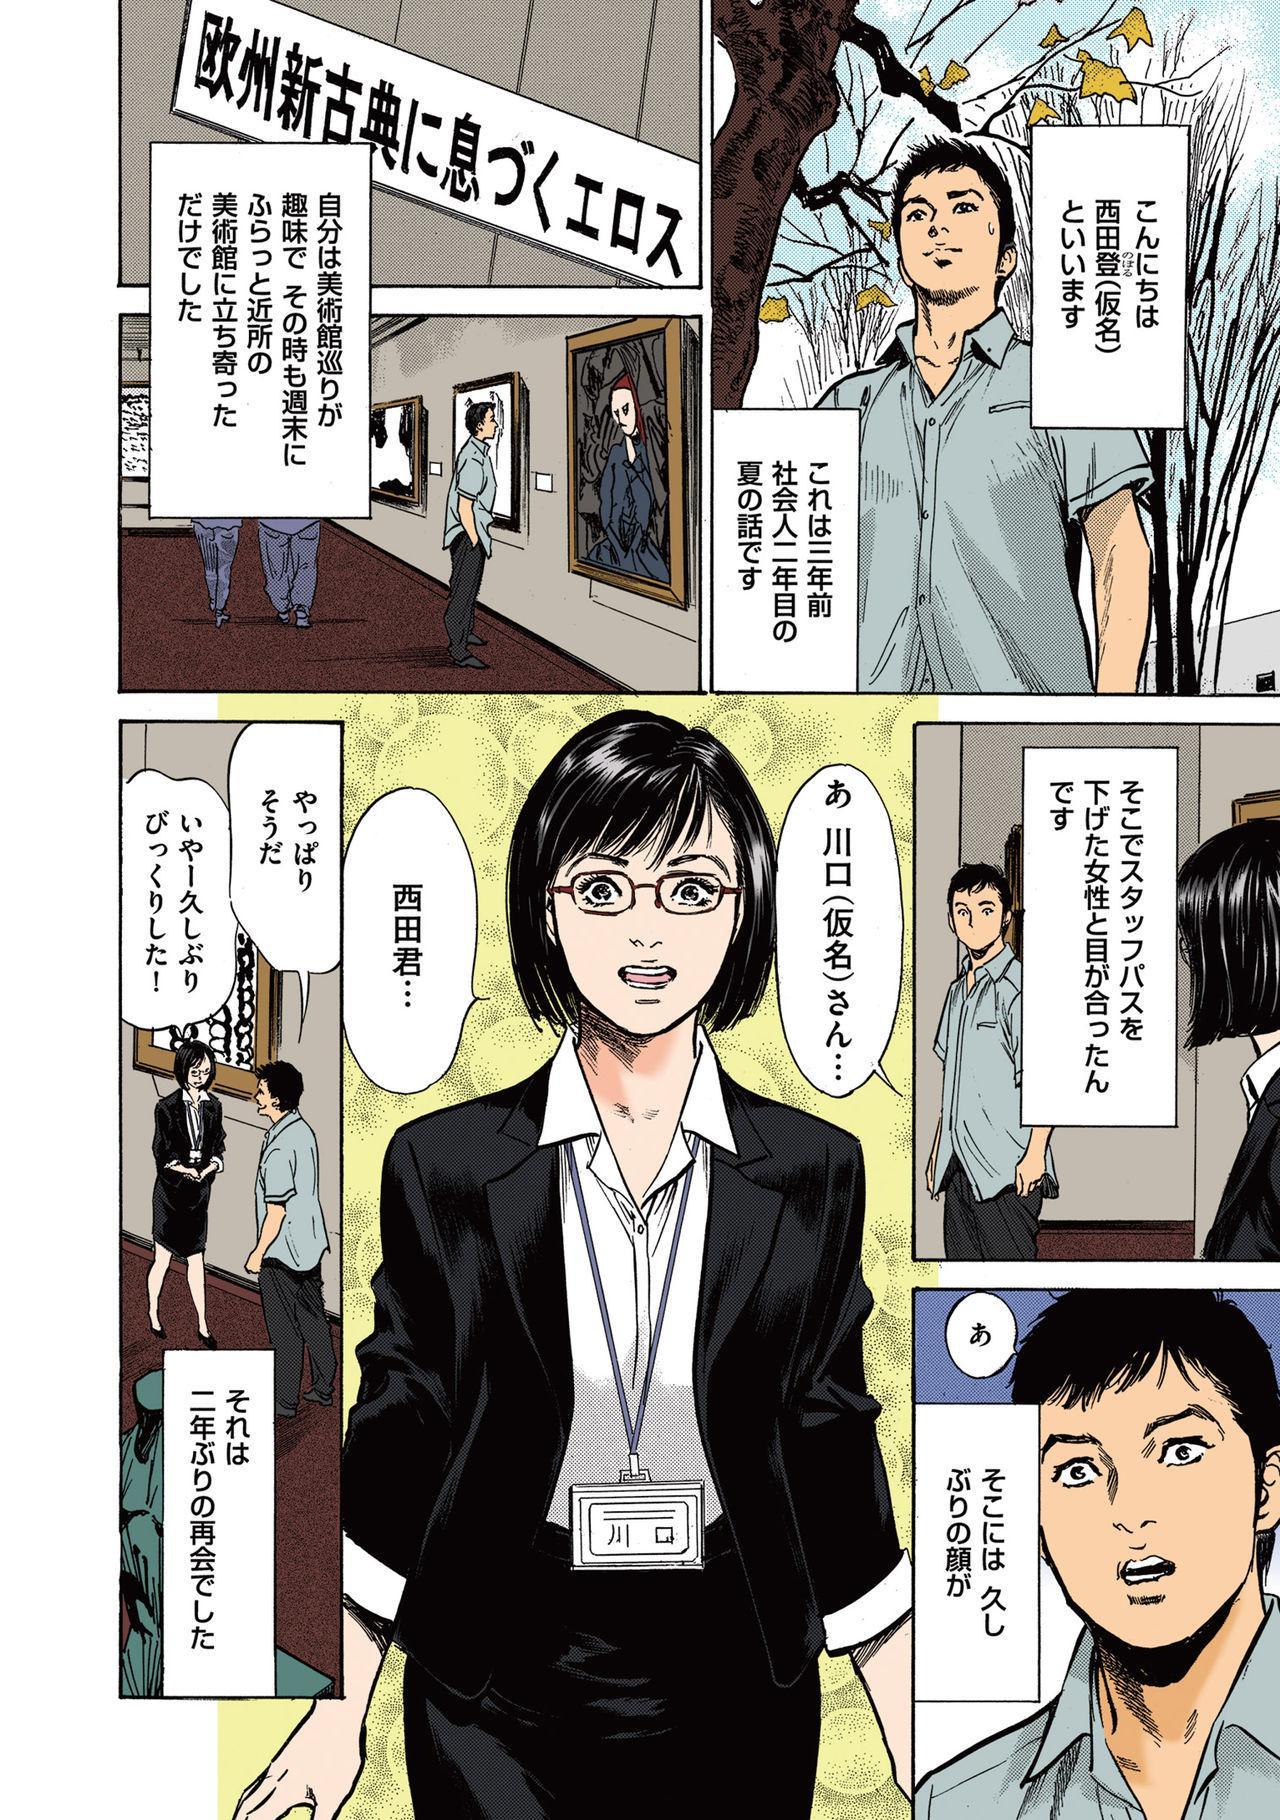 [Hazuki Kaoru] Hazuki Kaoru no Tamaranai Hanashi (Full Color Version) 2-1 53